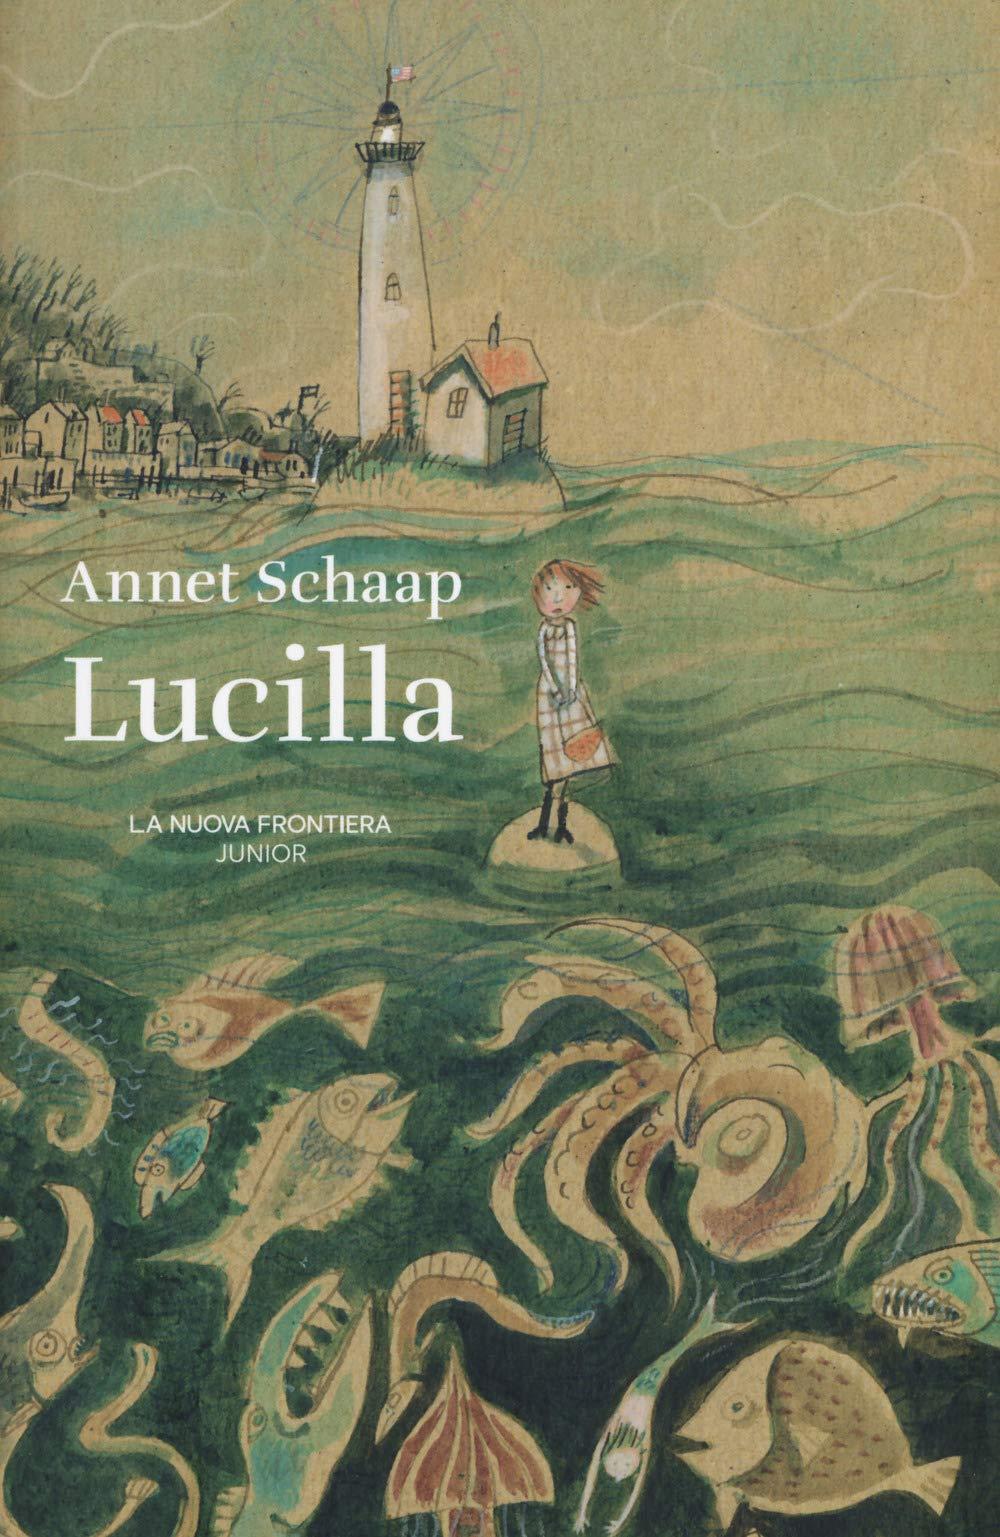 Copertina di Lucilla di Annet Schaap